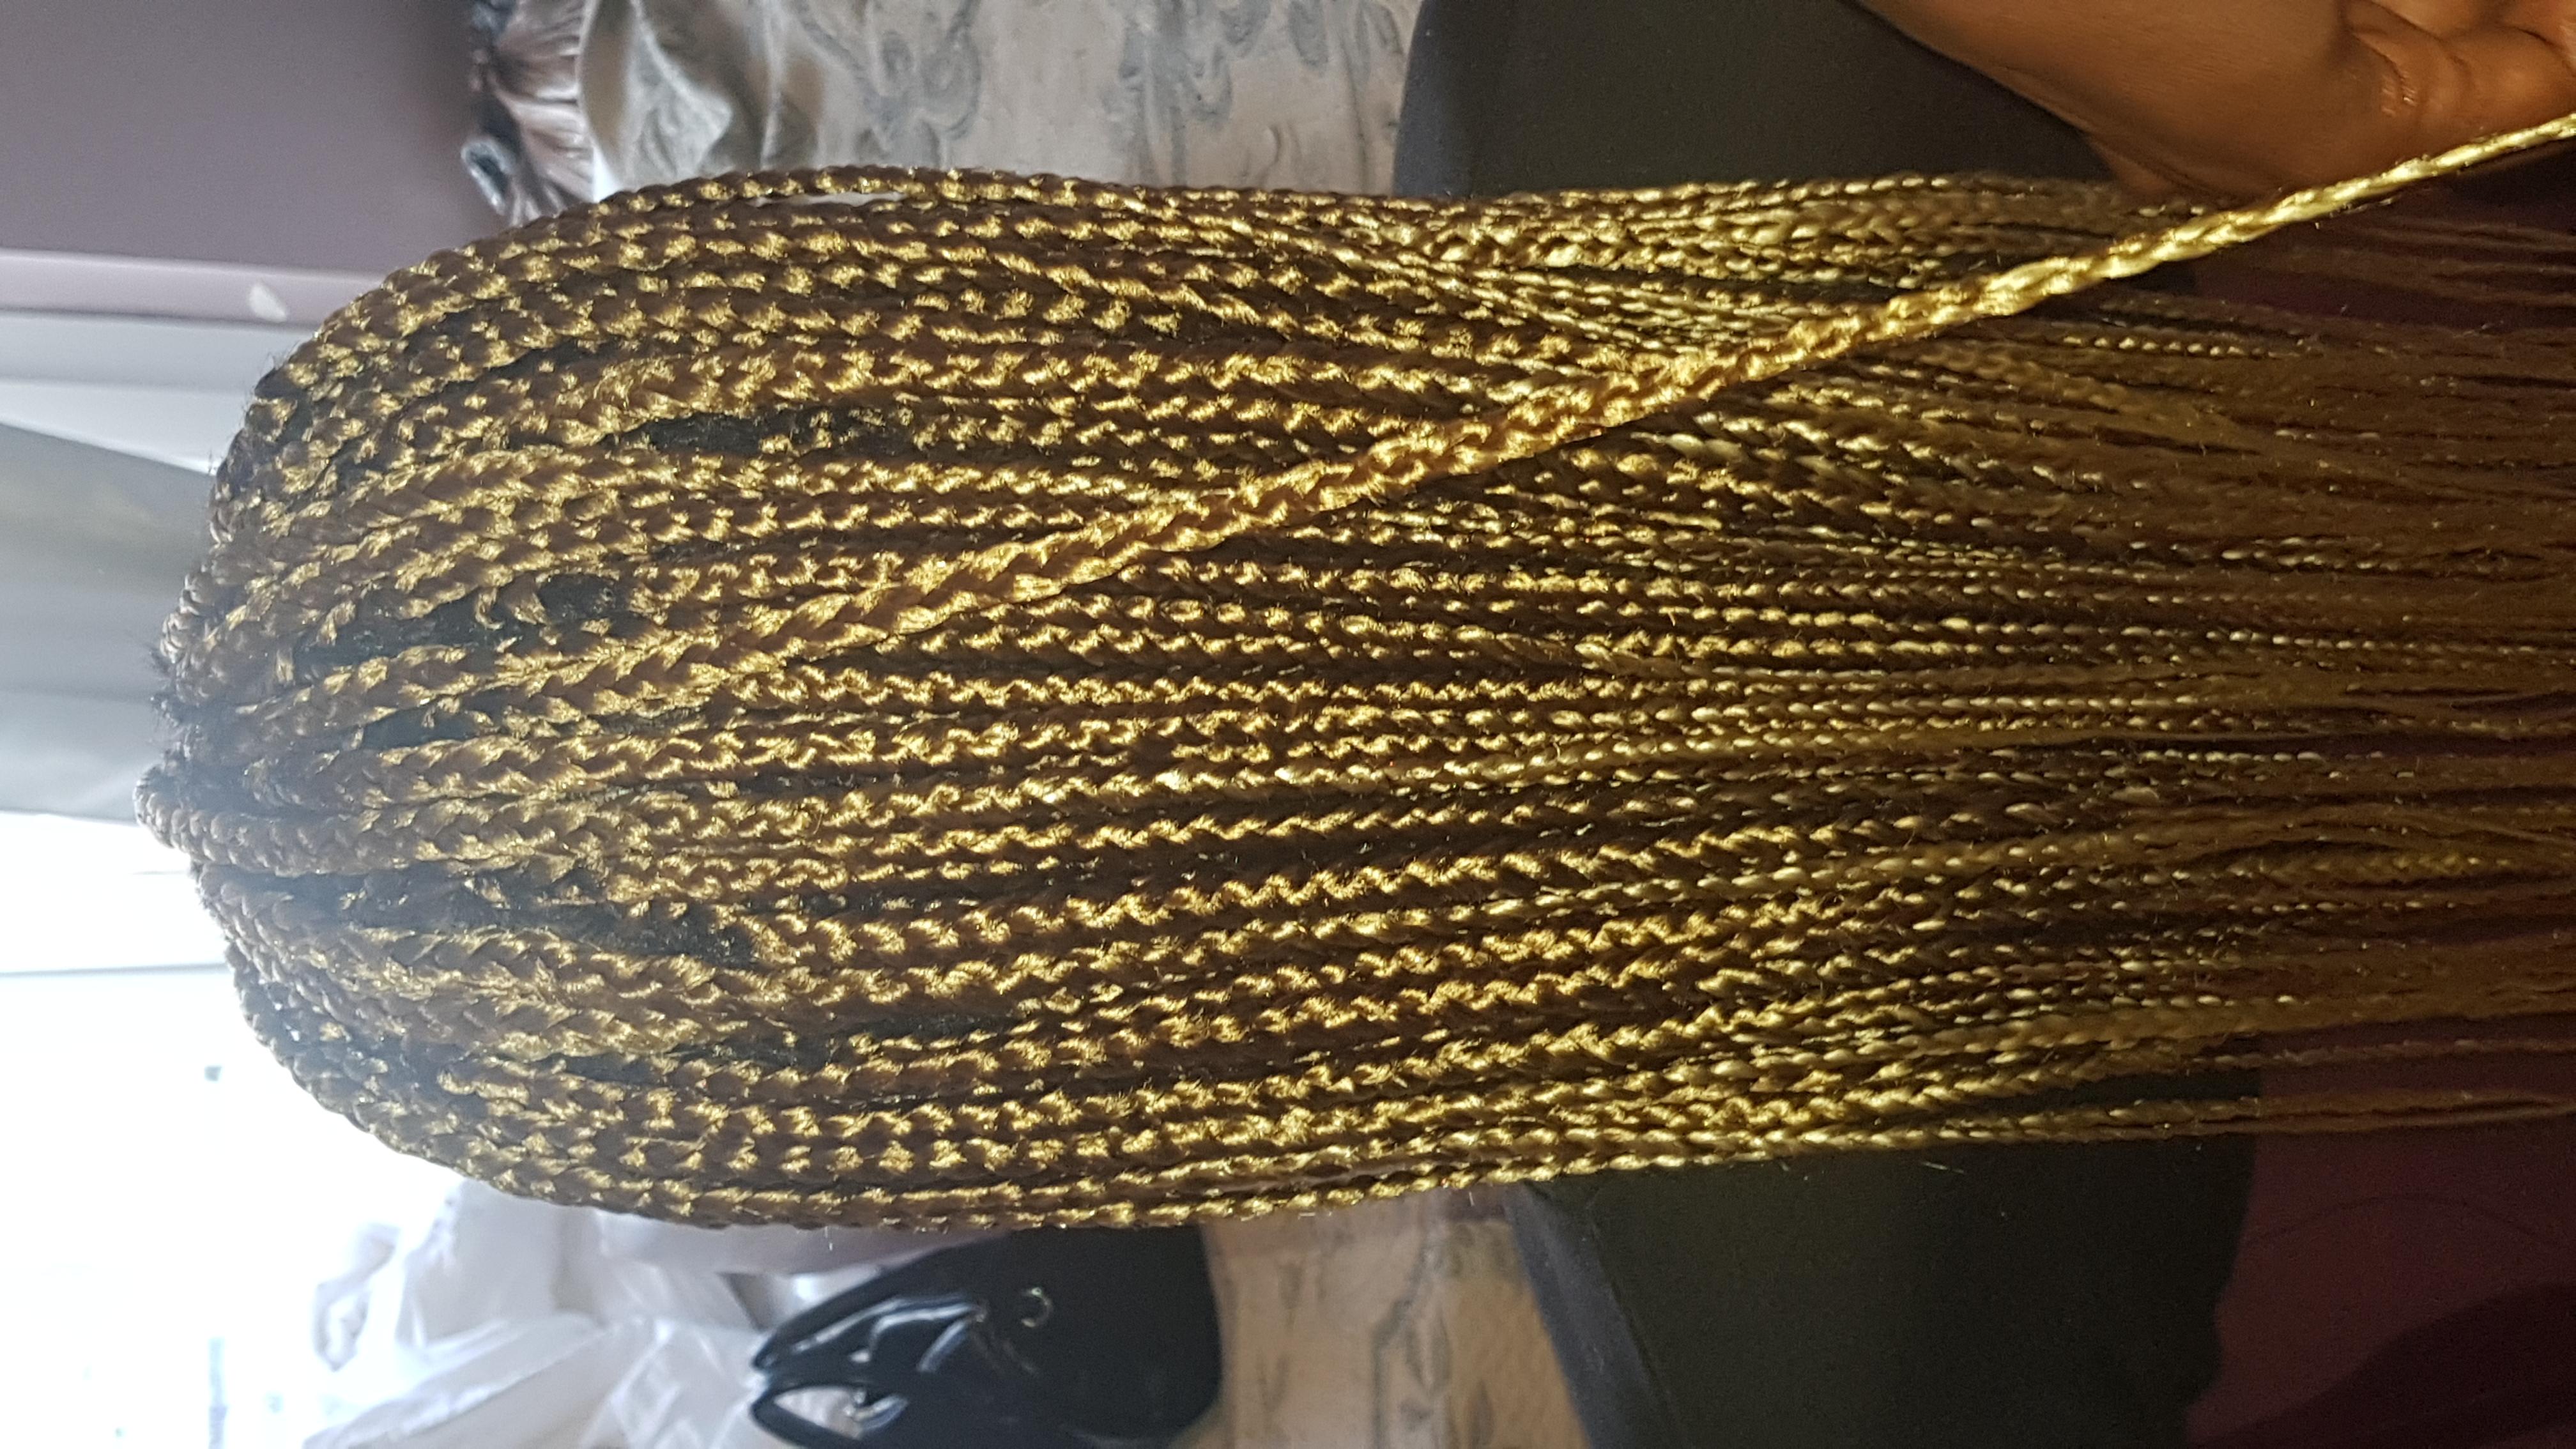 salon de coiffure afro tresse tresses box braids crochet braids vanilles tissages paris 75 77 78 91 92 93 94 95 WXNJJJLQ